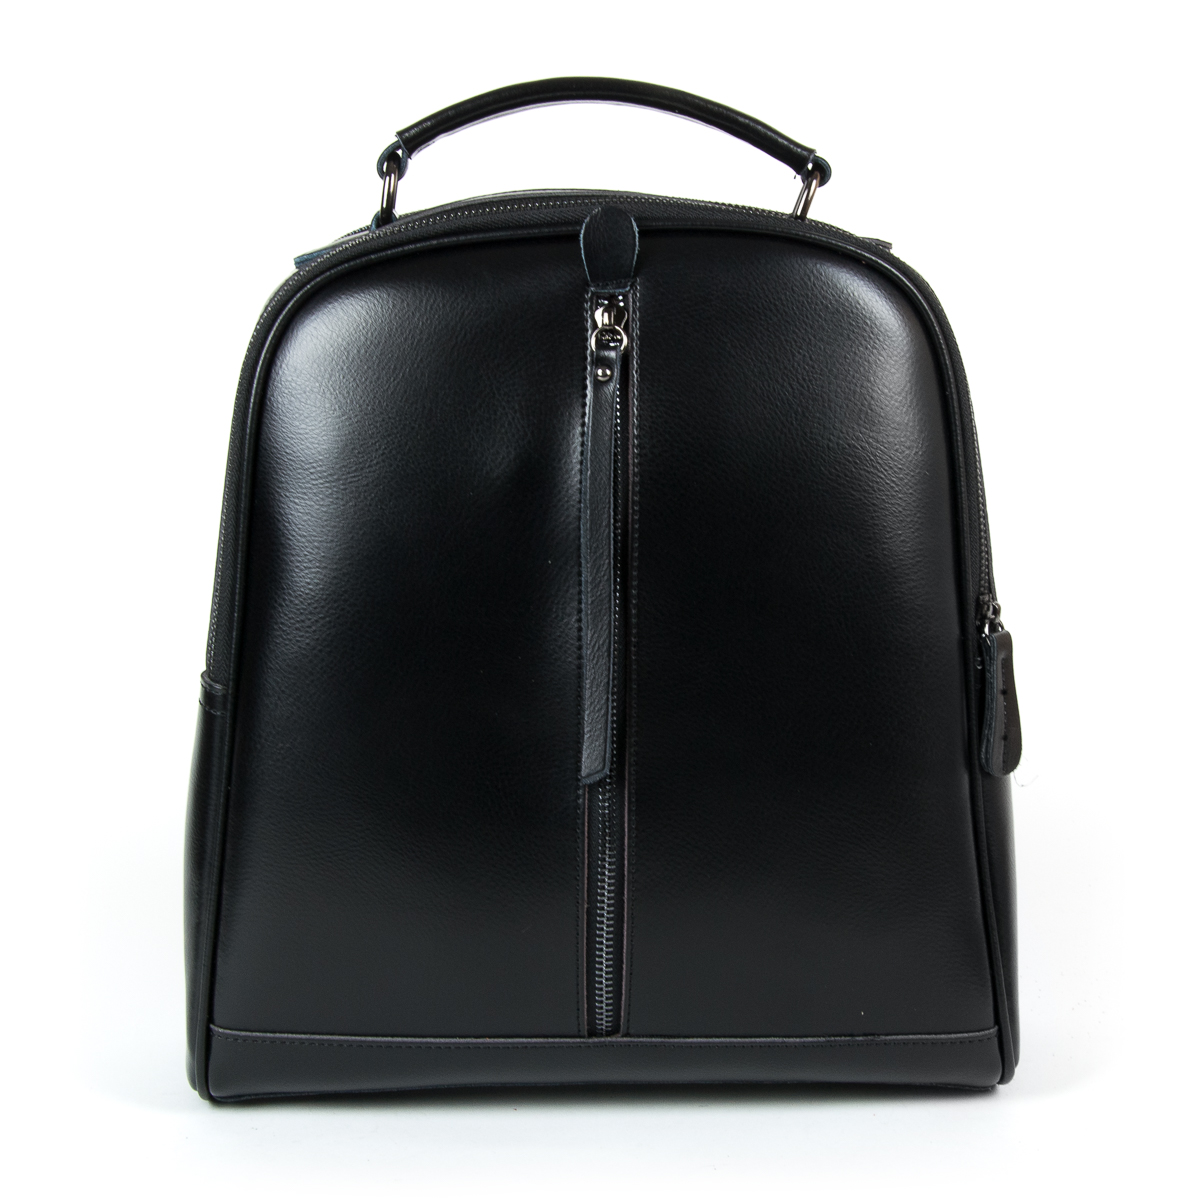 Сумка Женская Рюкзак кожа ALEX RAI 9-01 8694-3 black